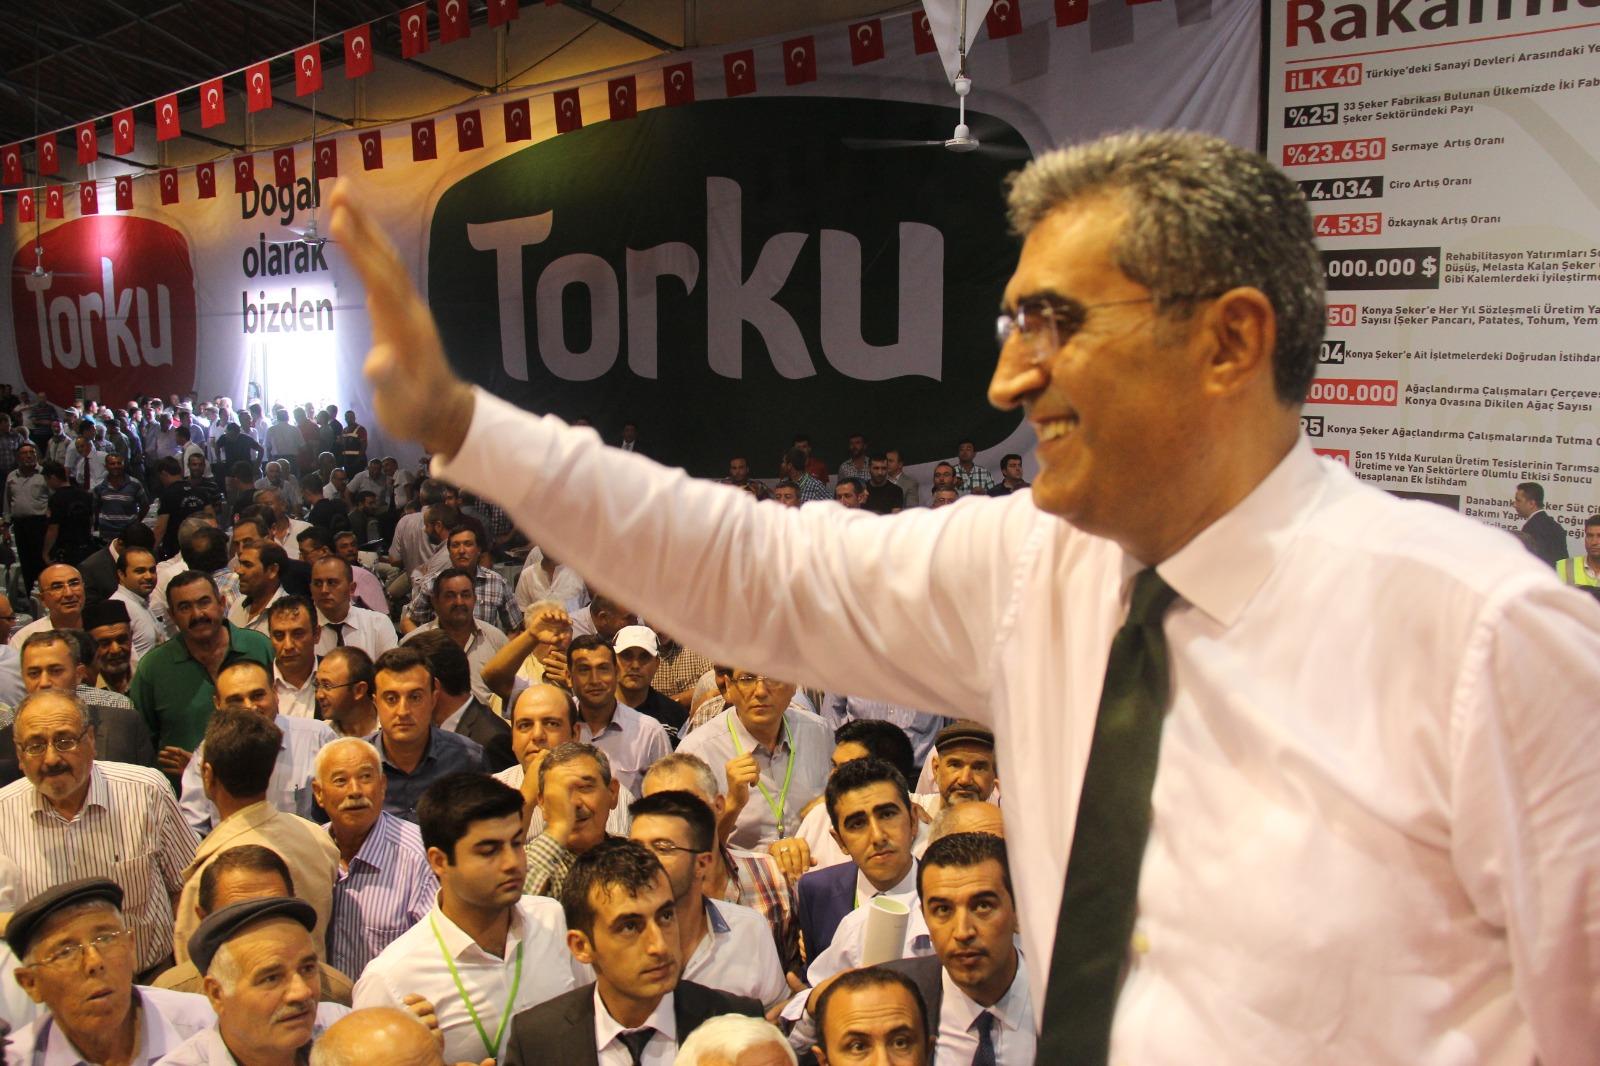 Konuk: Türk Kooperatifçiliği sadece sektörlerdeki ve raflardaki rakipleriyle yarışmıyor, bir dönemin üstüne yüklediği olumsuz hatıraların izini silme, üstüne yapıştırılan ideolojik algıları da yıkma mücadelesi veriyor